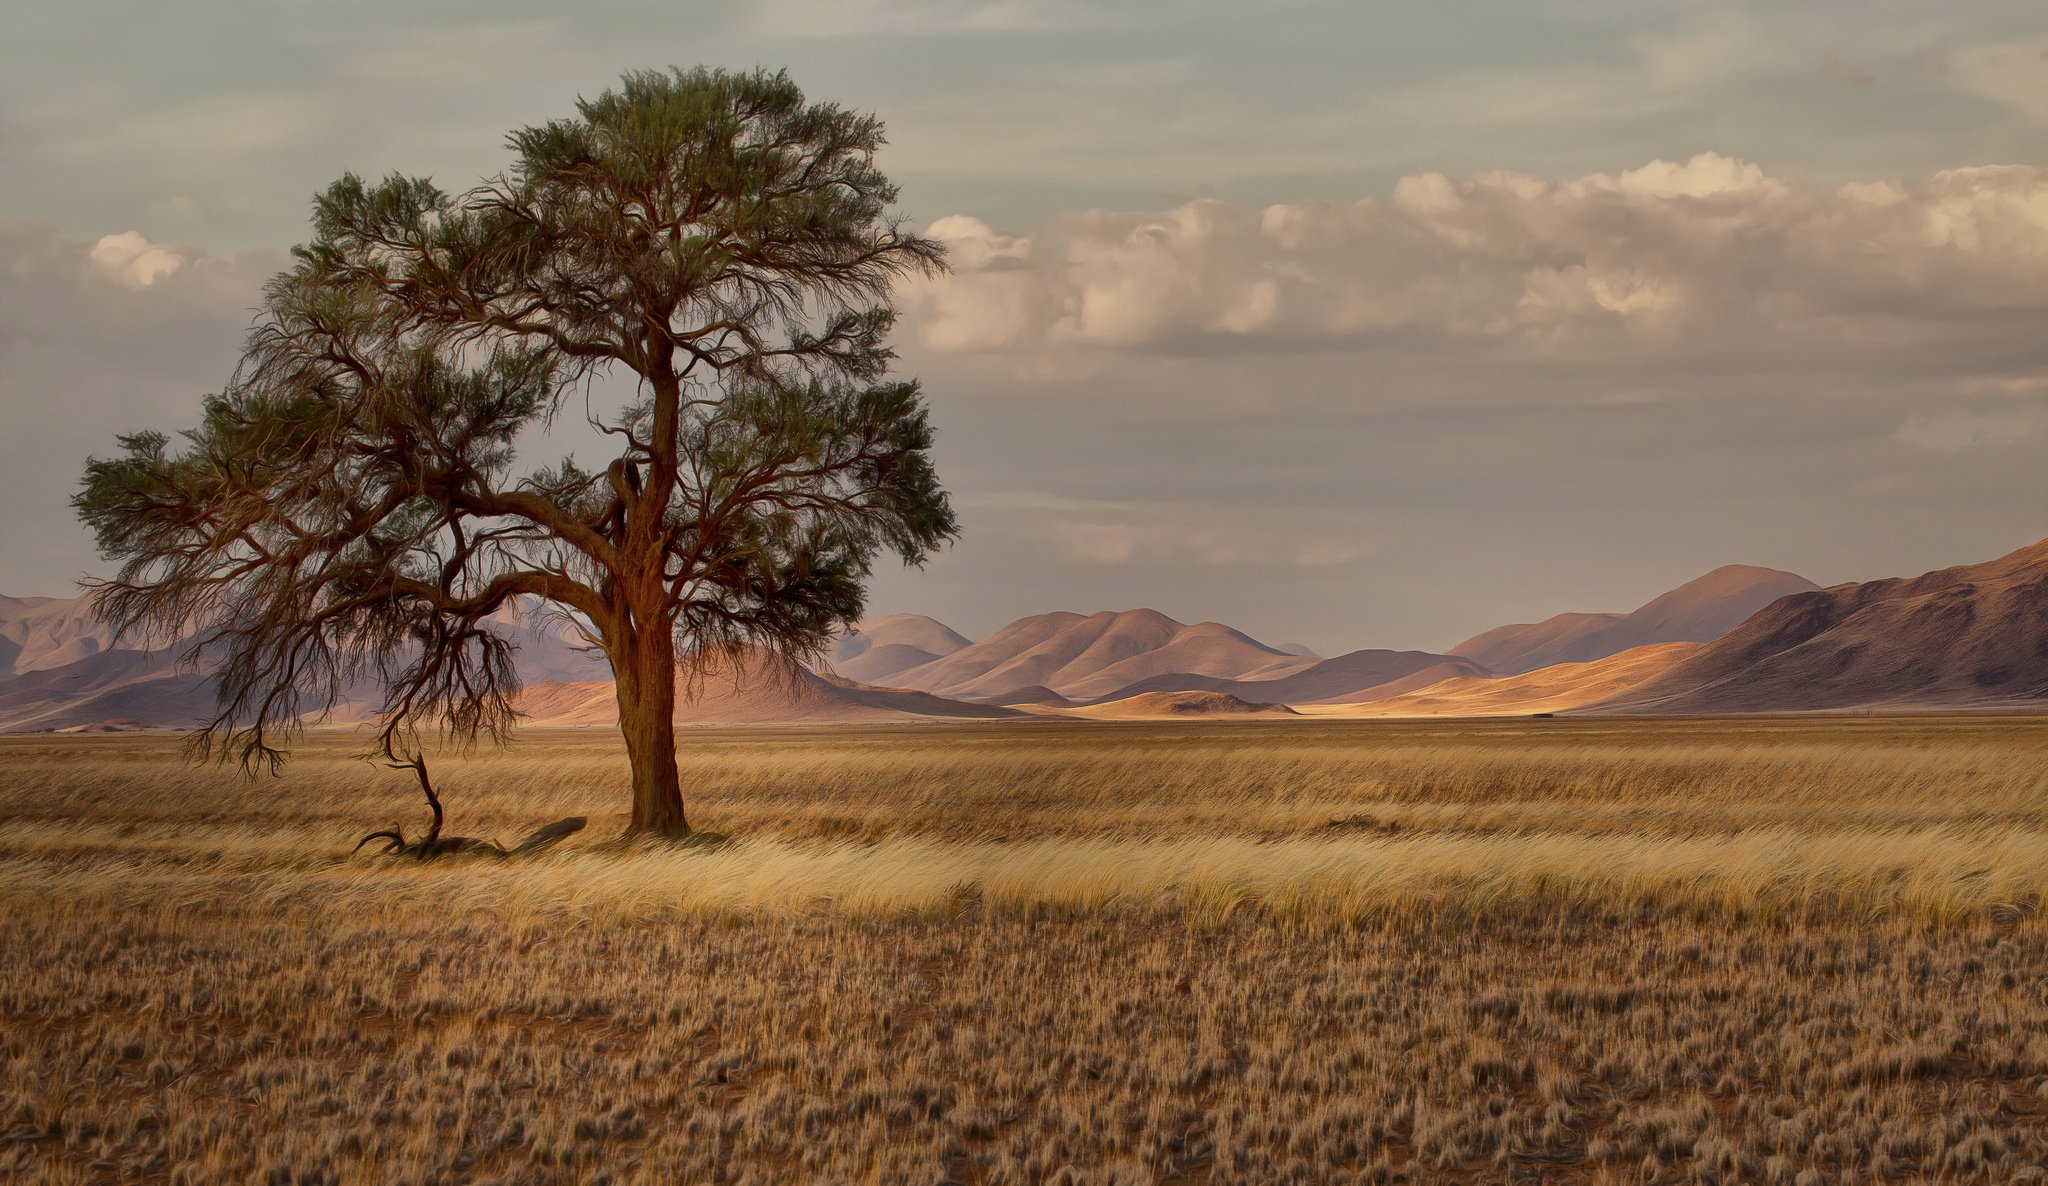 природа Намибия Африка пейзаж река загрузить